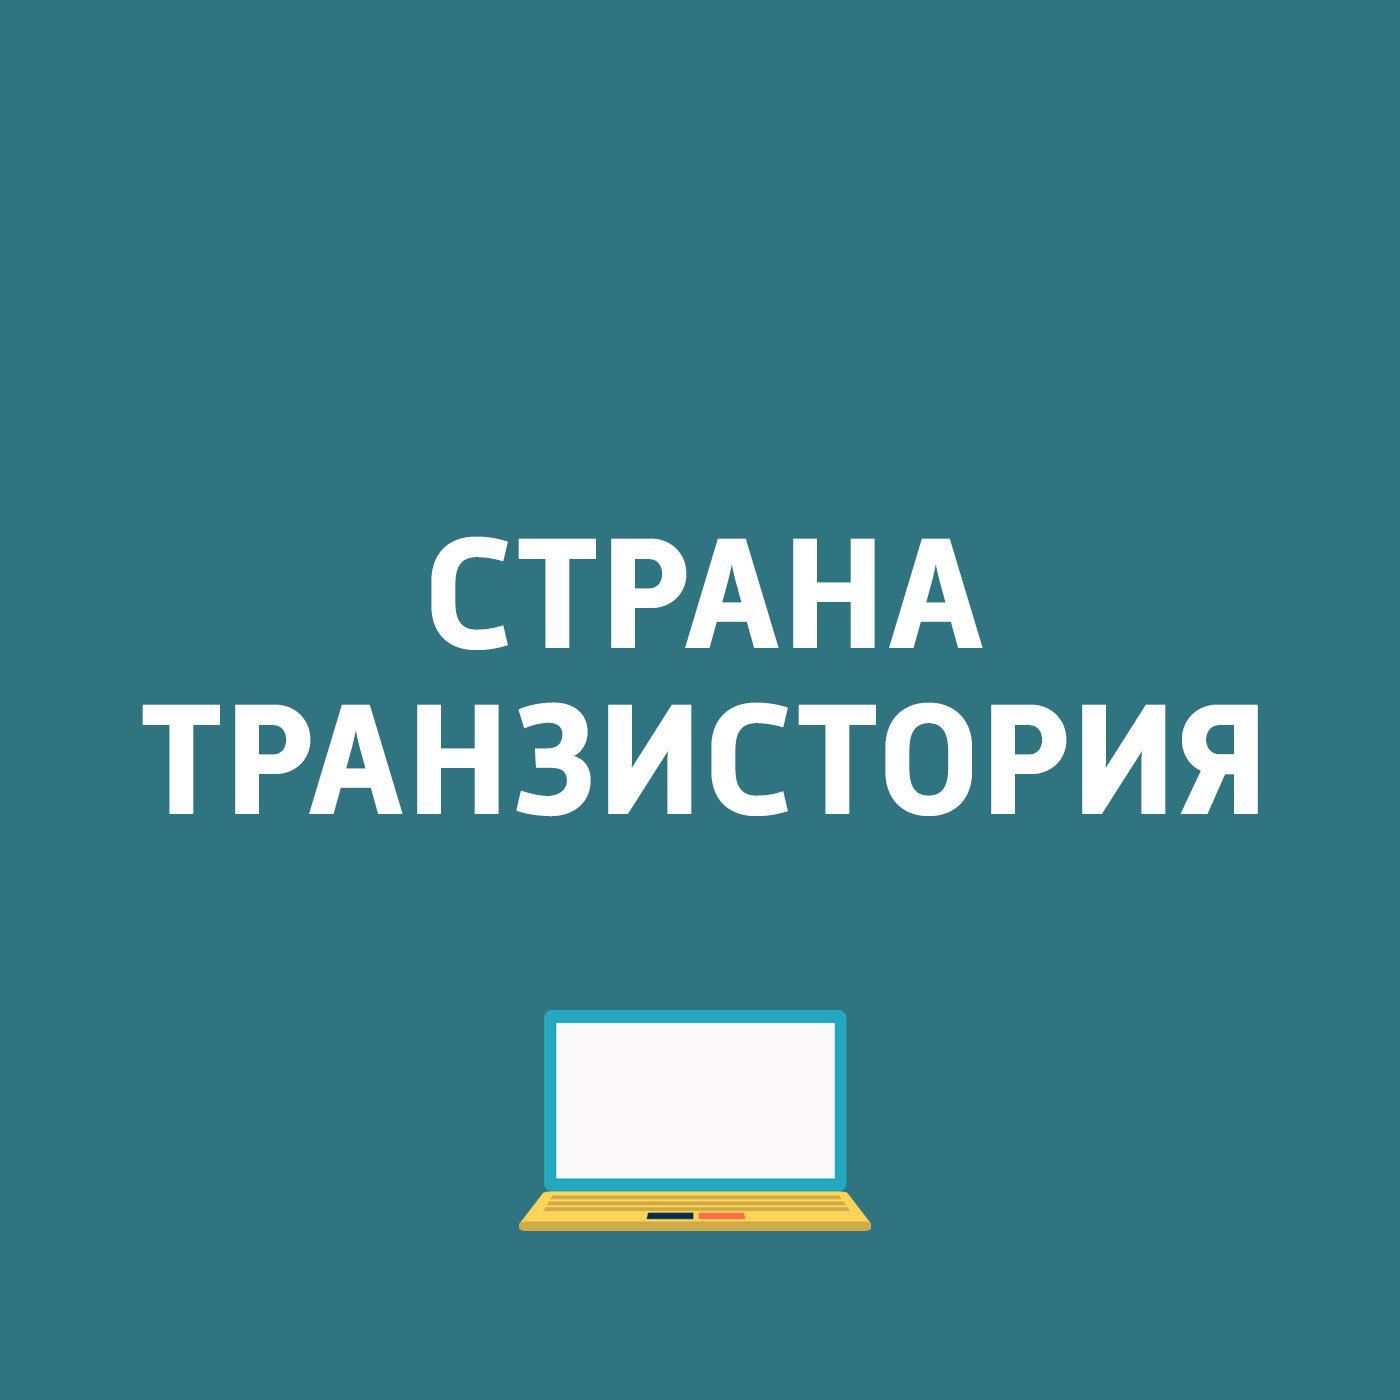 Картаев Павел Samsung объявила о старте продаж в России Galaxy A9 2018 картаев павел hmd global выпустила смартфон nokia 8 eset обнаружила вирус для устройств на андроиде